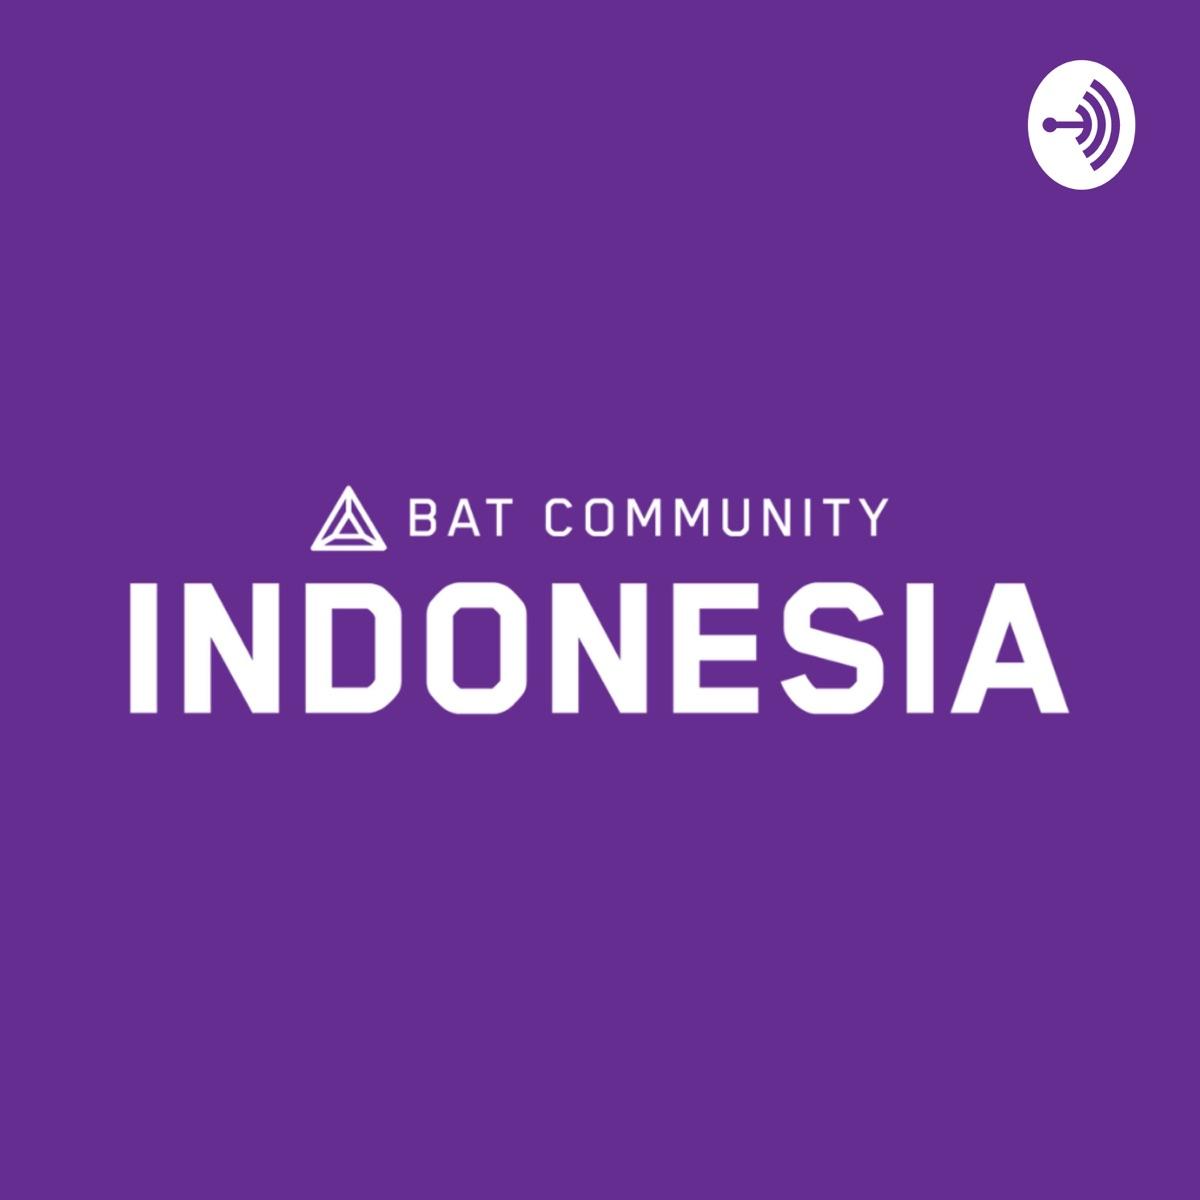 Komunitas BAT Indonesia